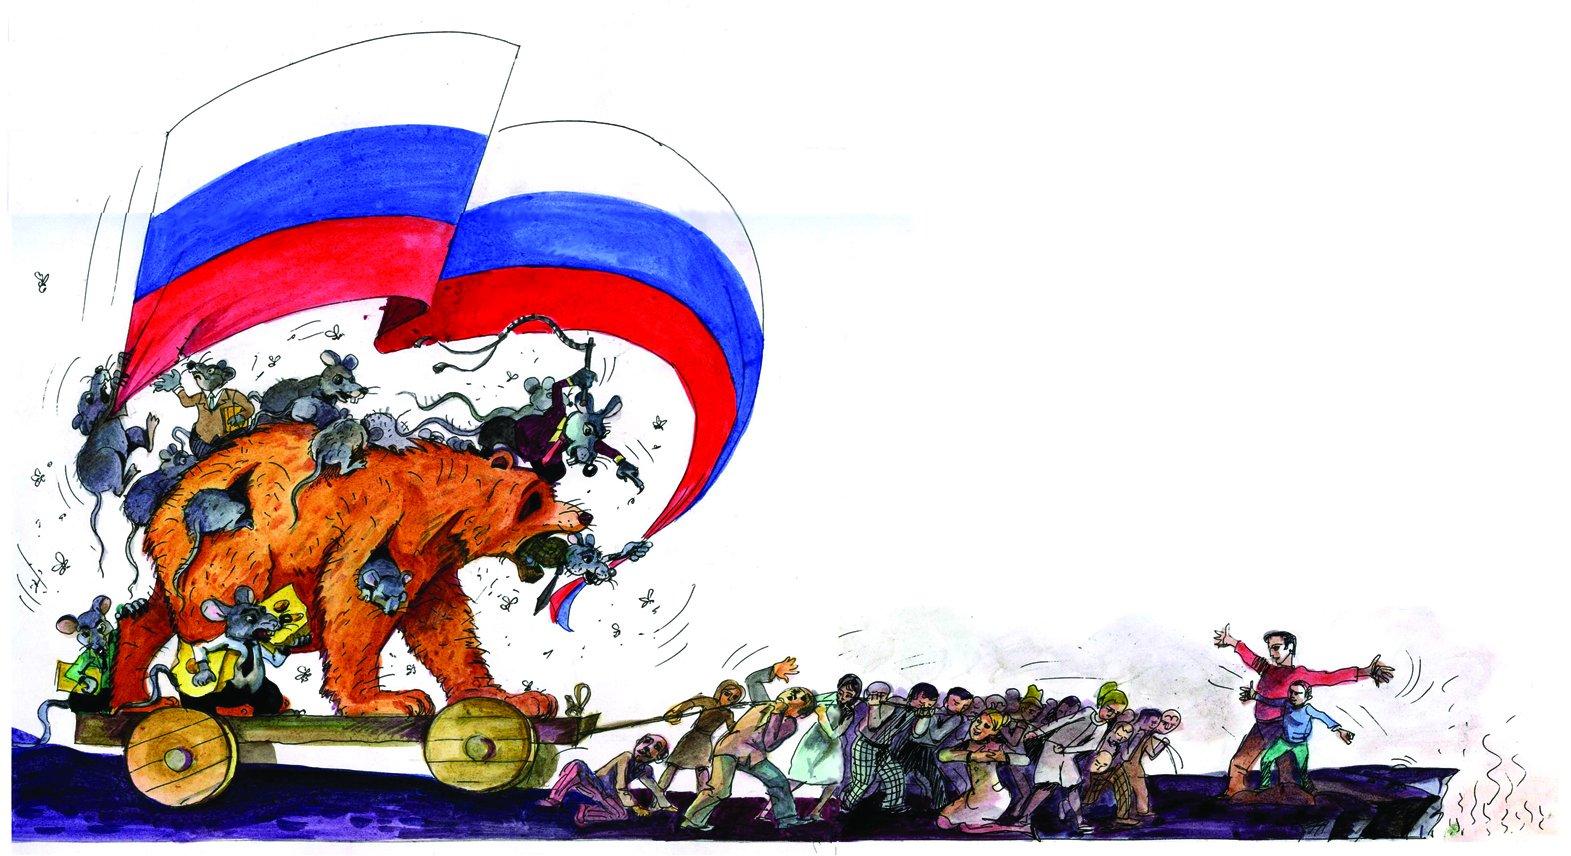 Смешные патриотические картинки россии, авы картинки модные